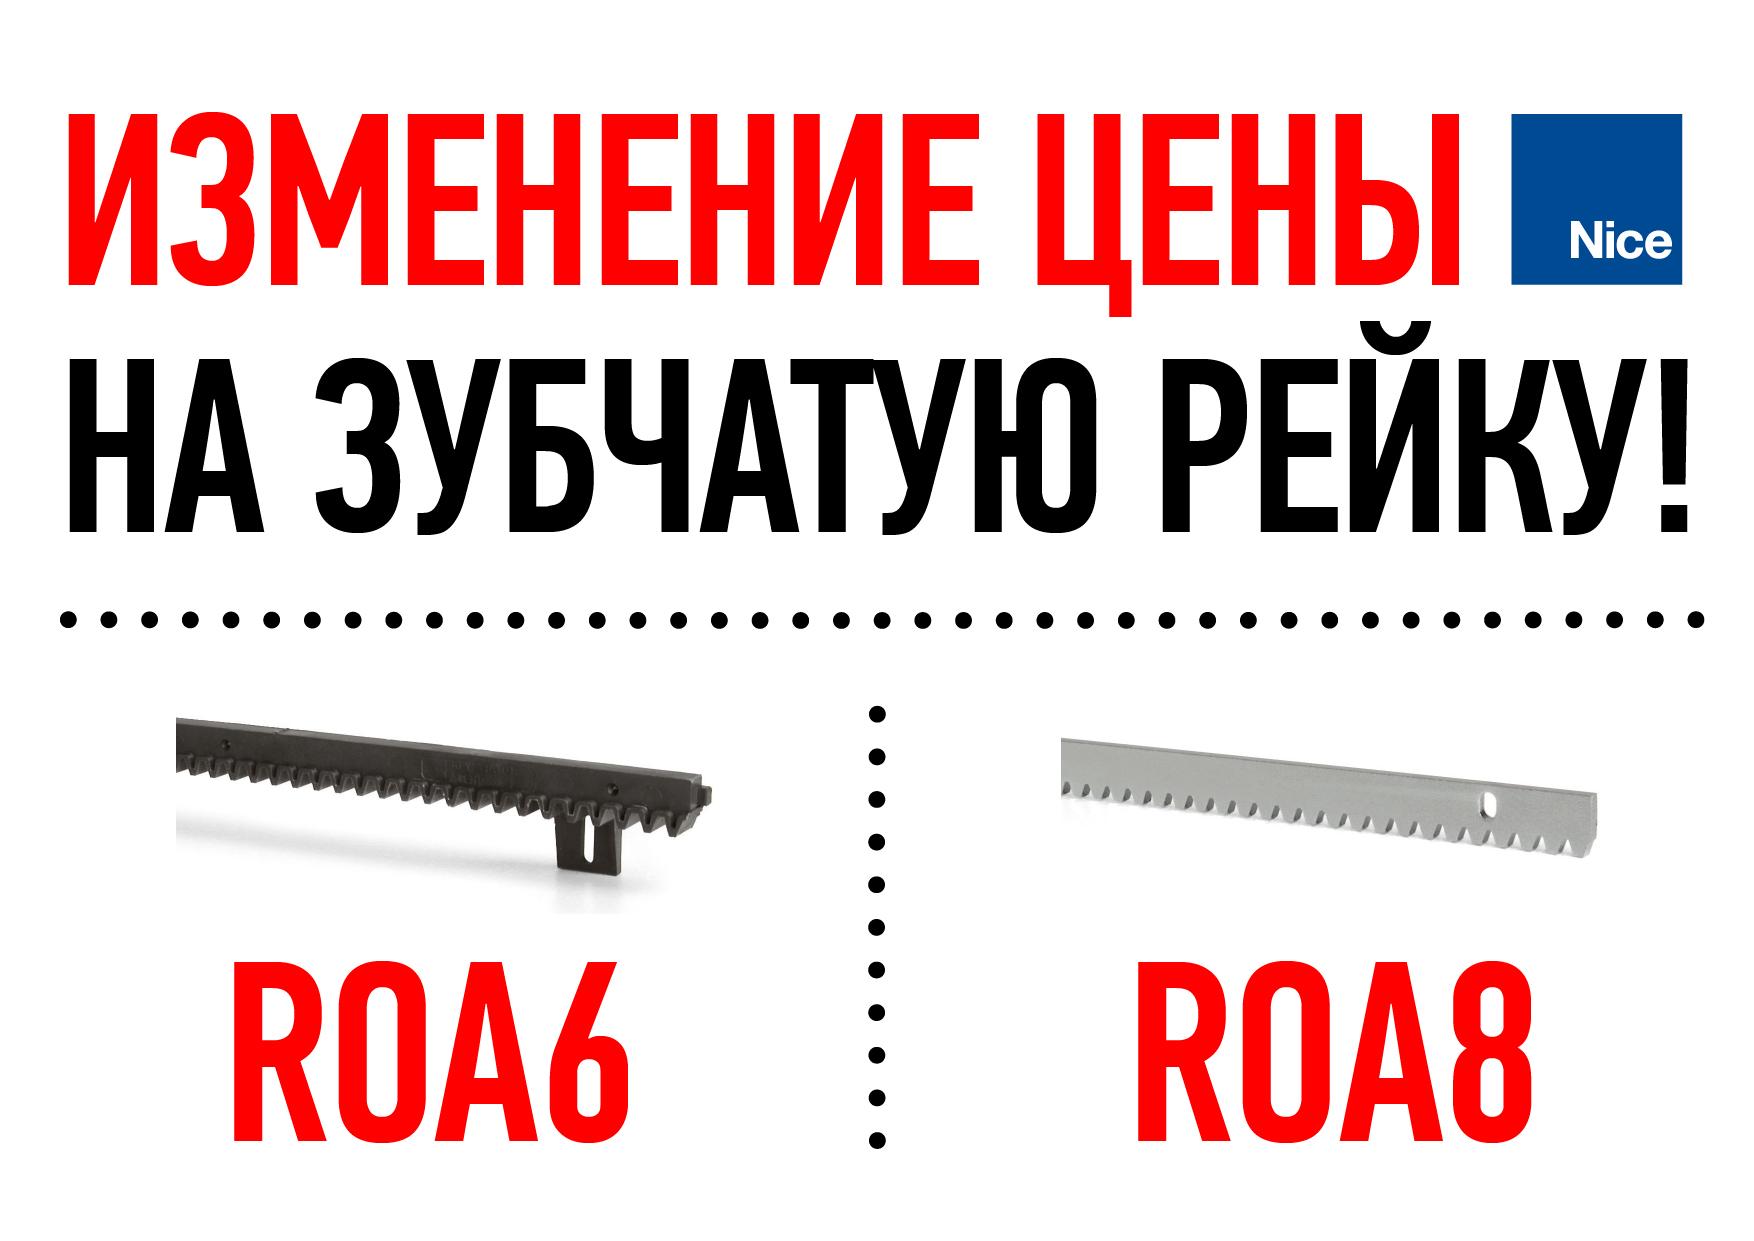 ИЗМЕНЕНИЕ ЦЕНЫ НА ЗУБЧАТУЮ РЕЙКУ ROA6 и ROA8!